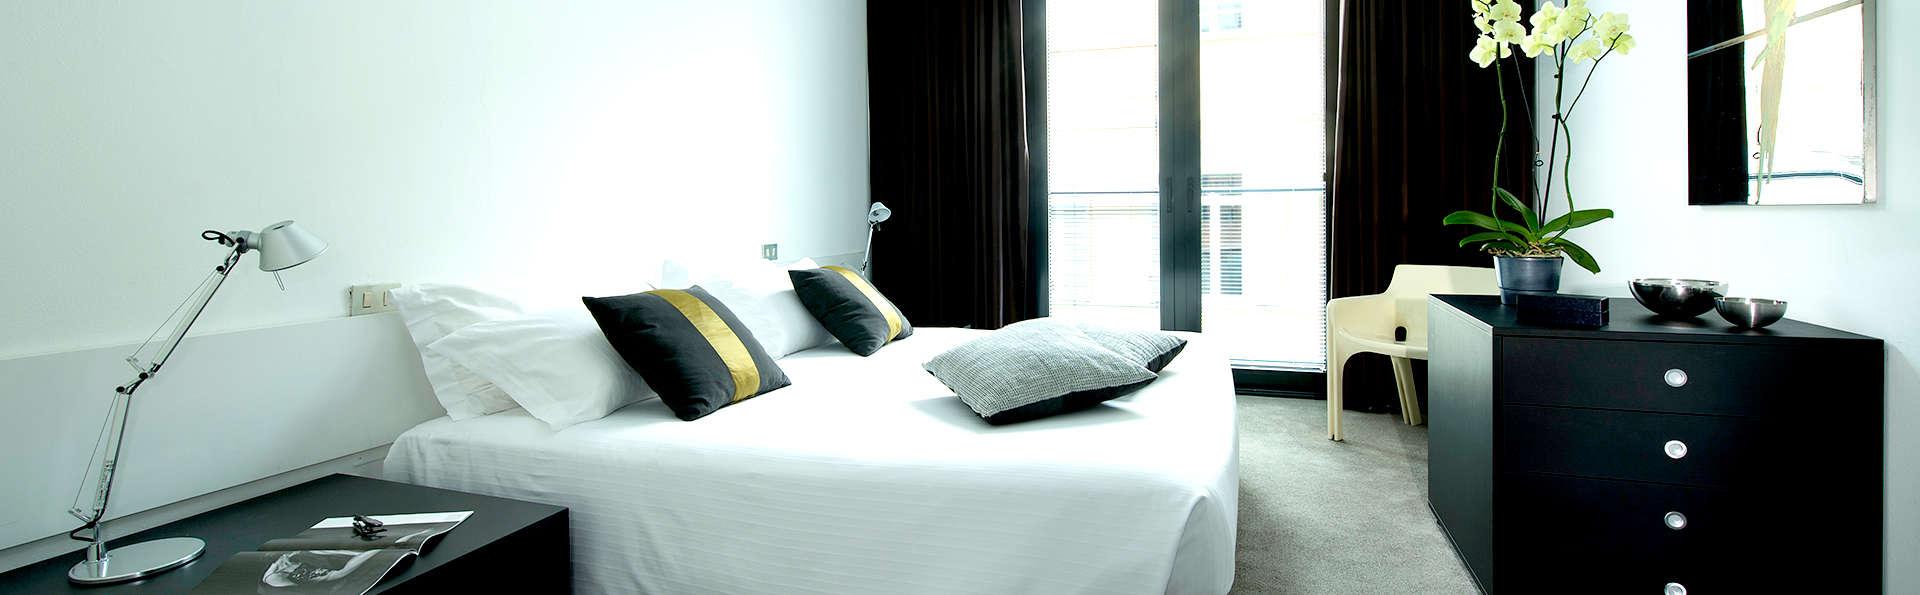 Soggiorno Romantico Piemonte | Camere Con Idromassaggio In Hotel 4 ...